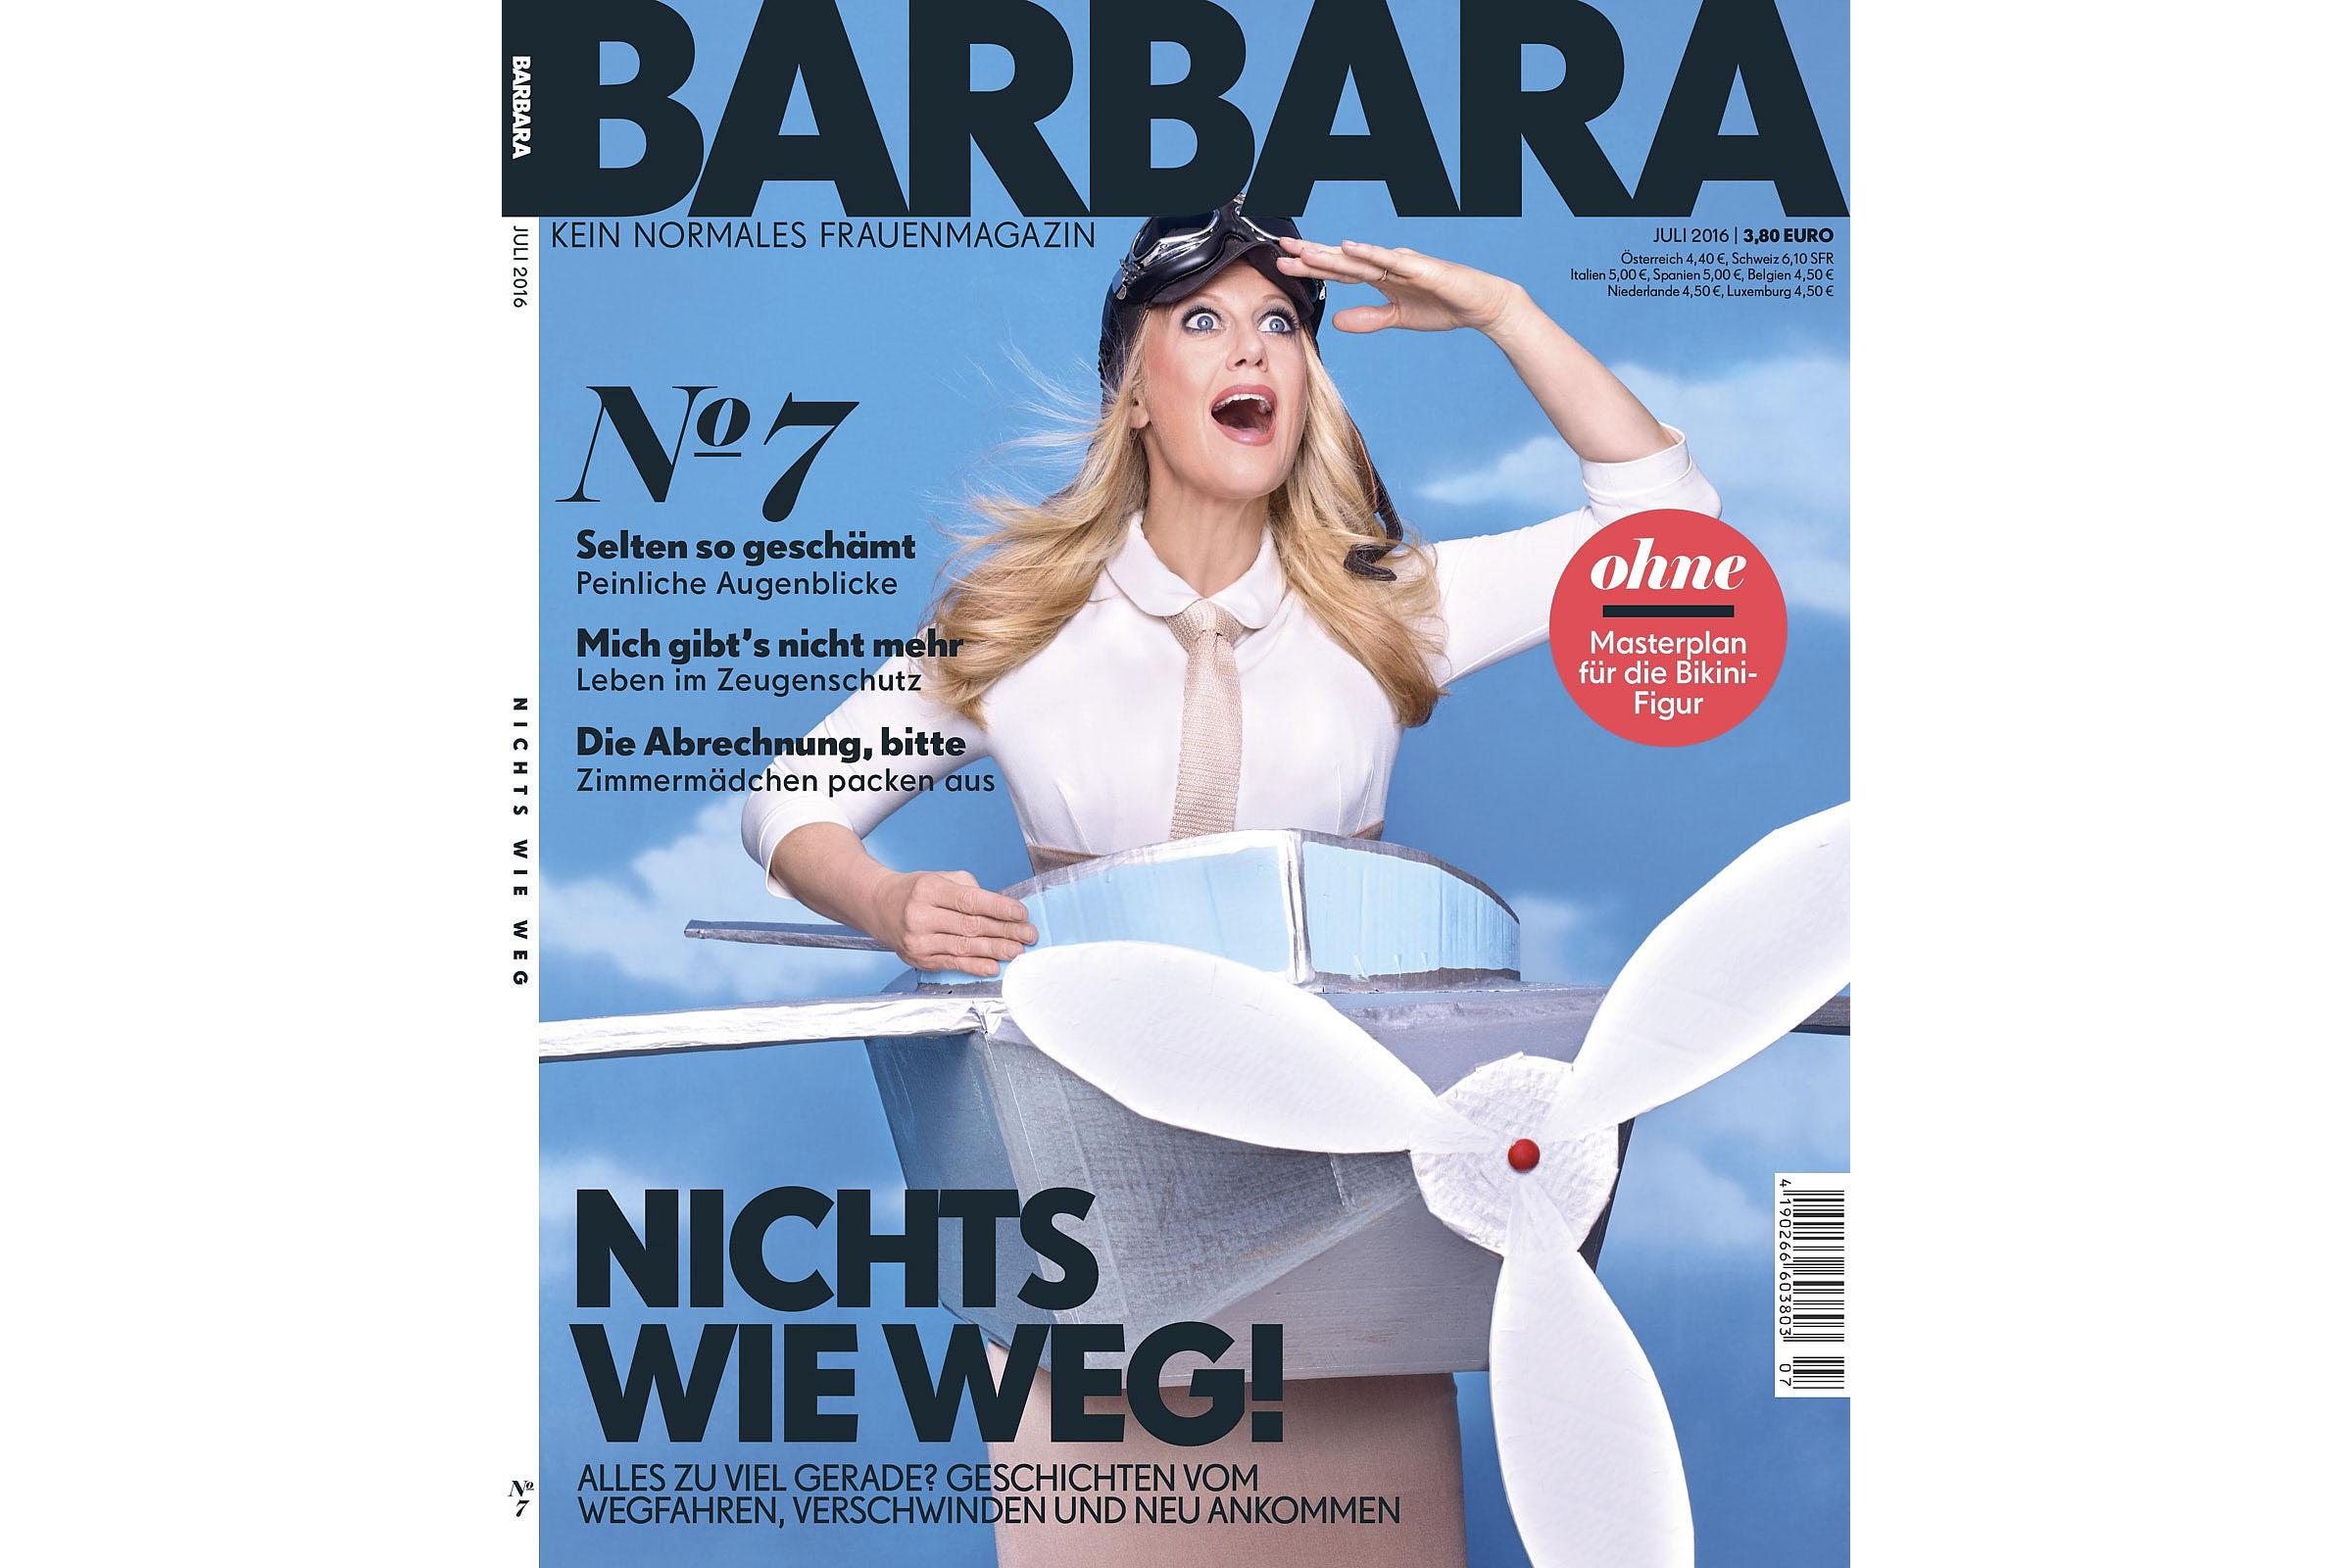 Barbara_#07_Cover_landscape